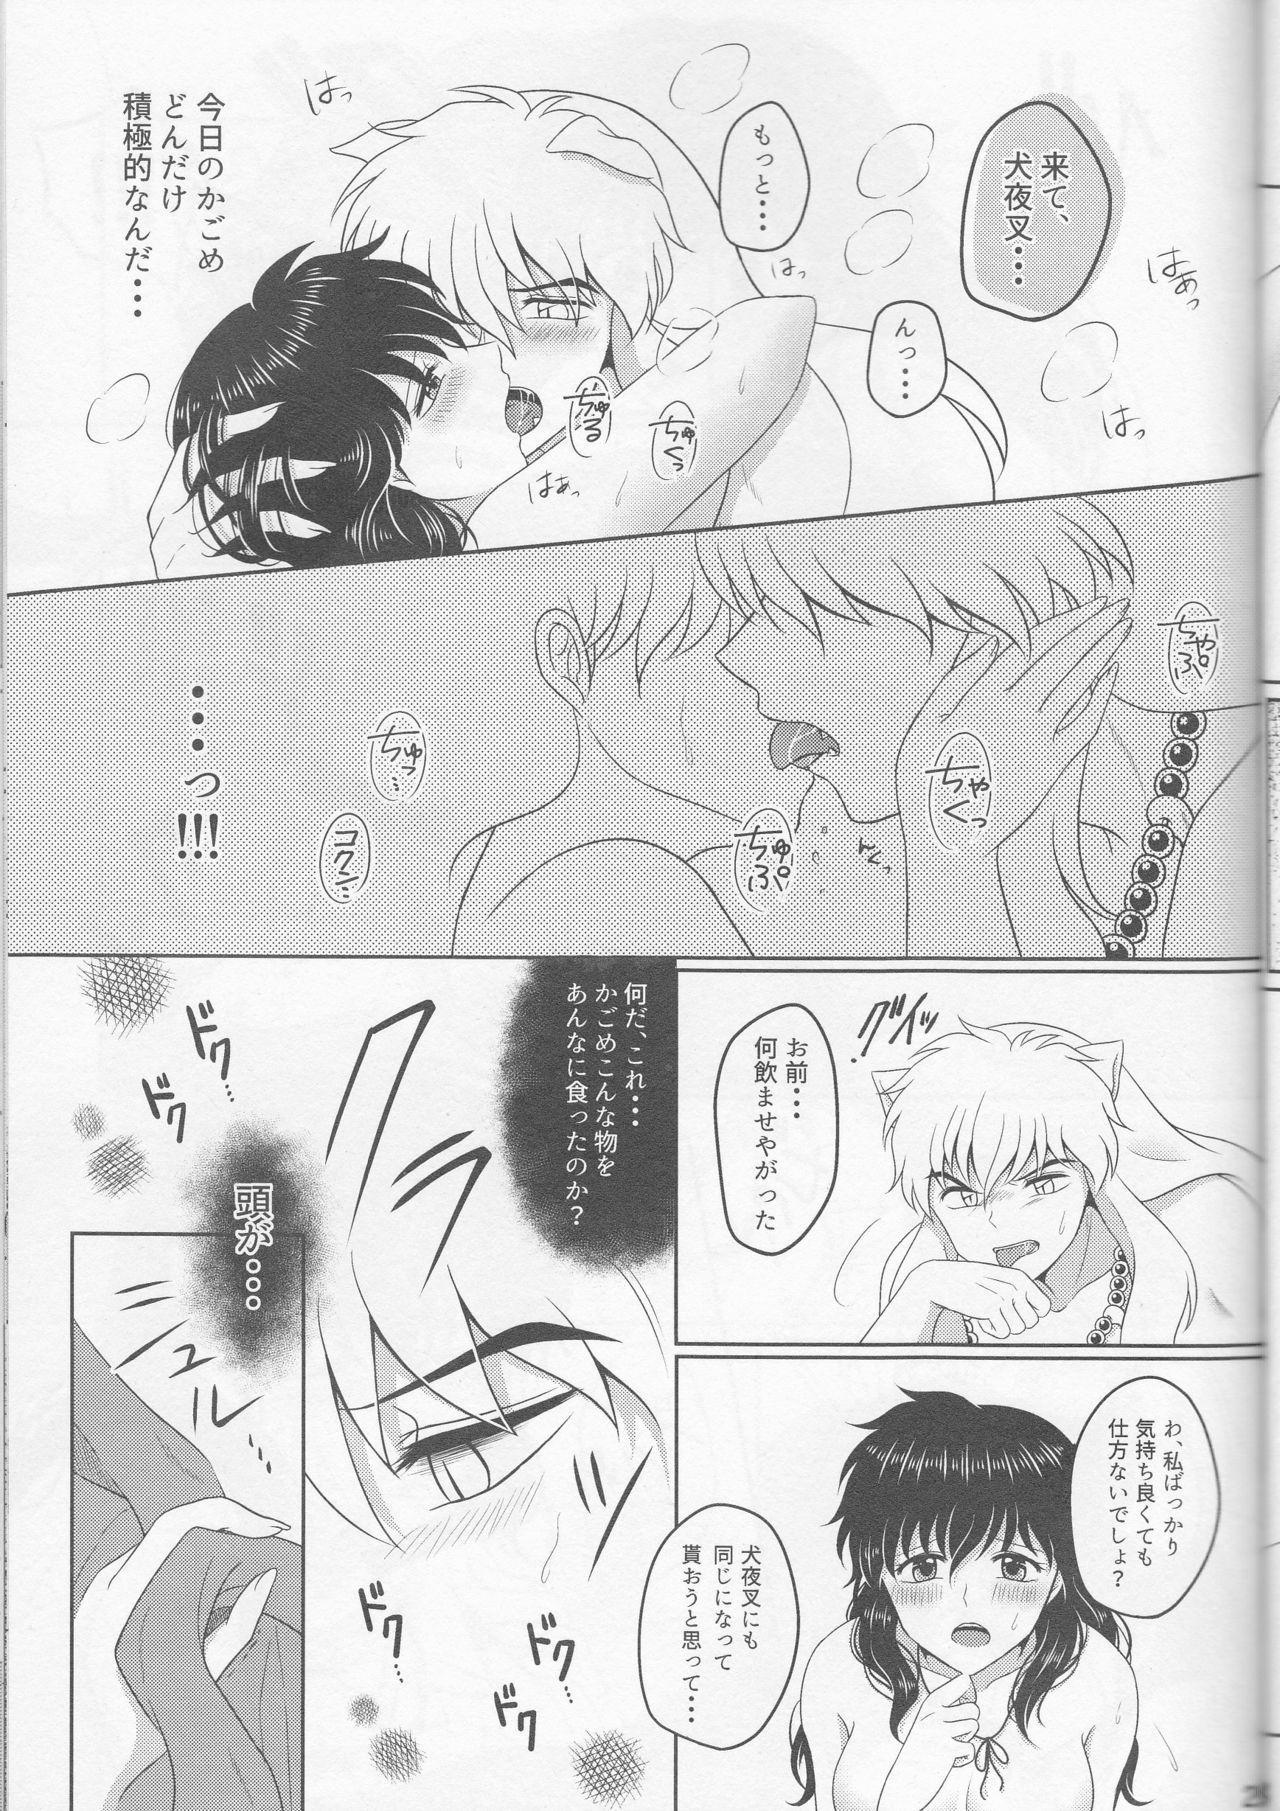 Koi Gusuri - Love drug 28